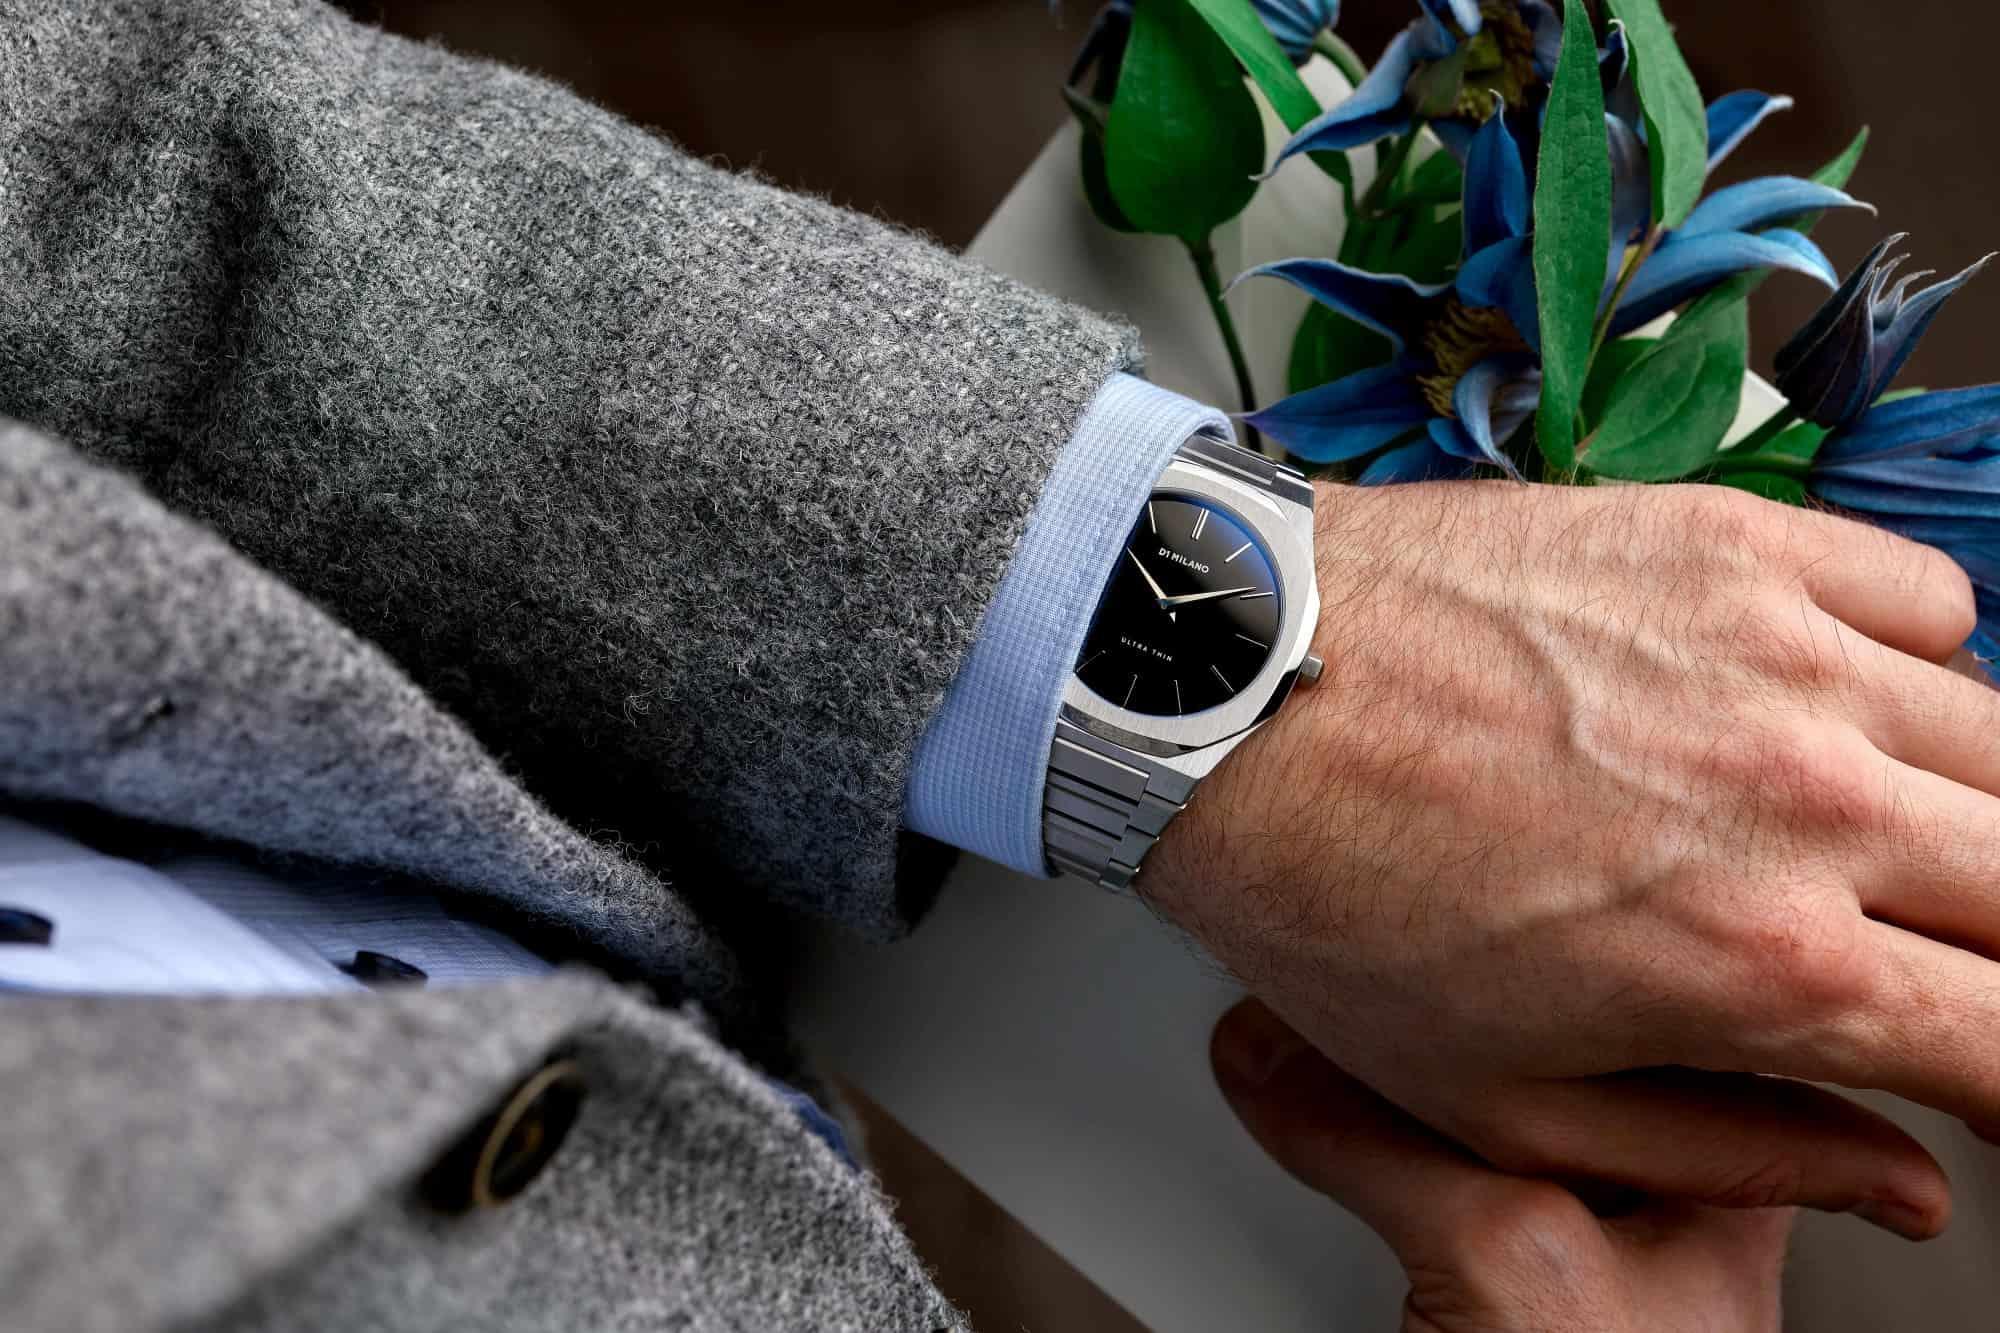 מותג השעונים D1 MILANO  מציג ליין בעיצוב יוקרתי ושיק איטלקי